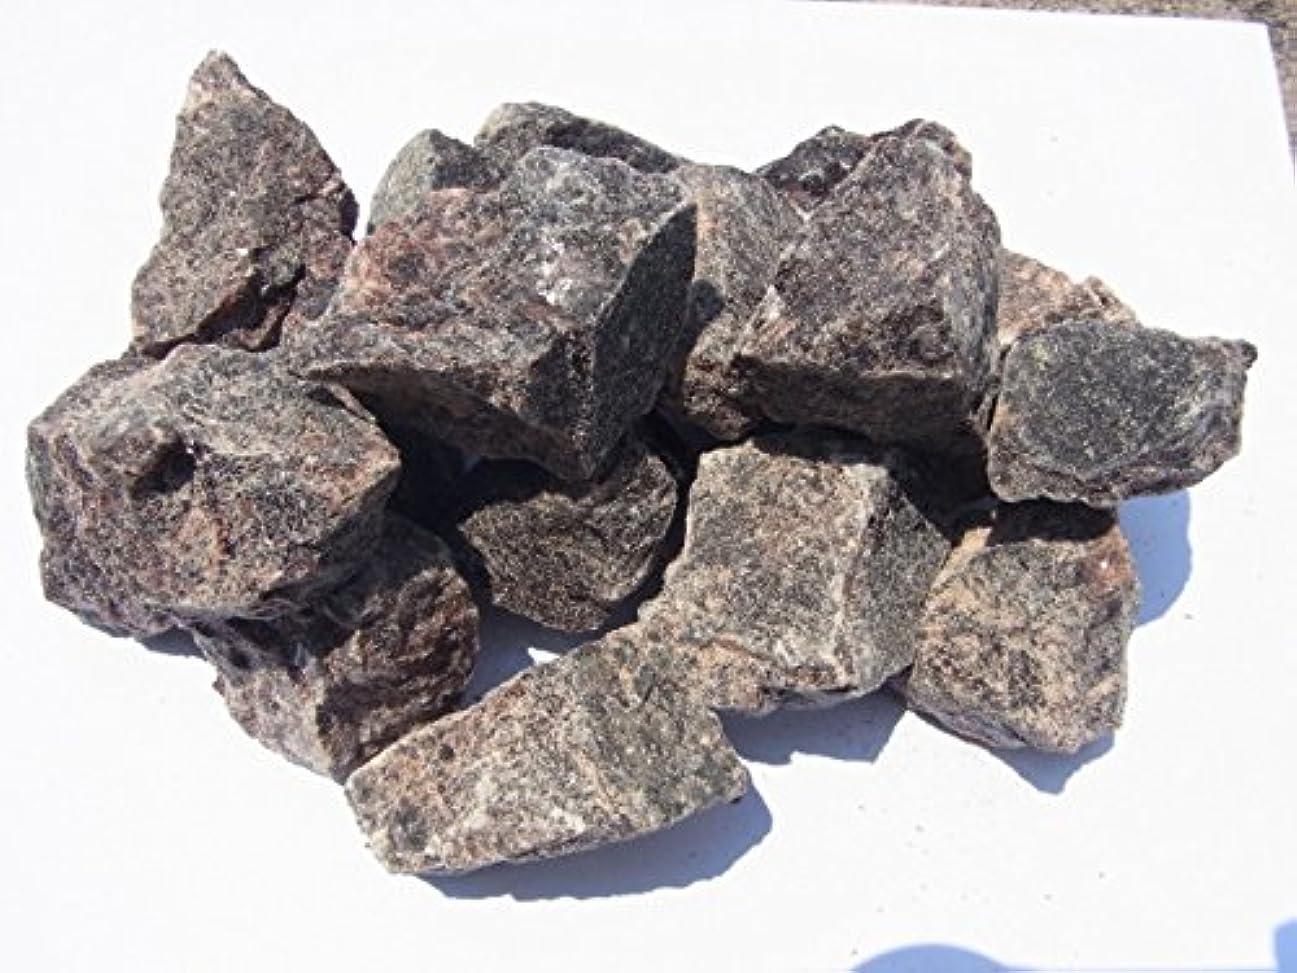 レイアスクラッチオーバードローヒマラヤ岩塩10kg【ブラックソルト】 ミネラルクリスタル ブロック バスソルト